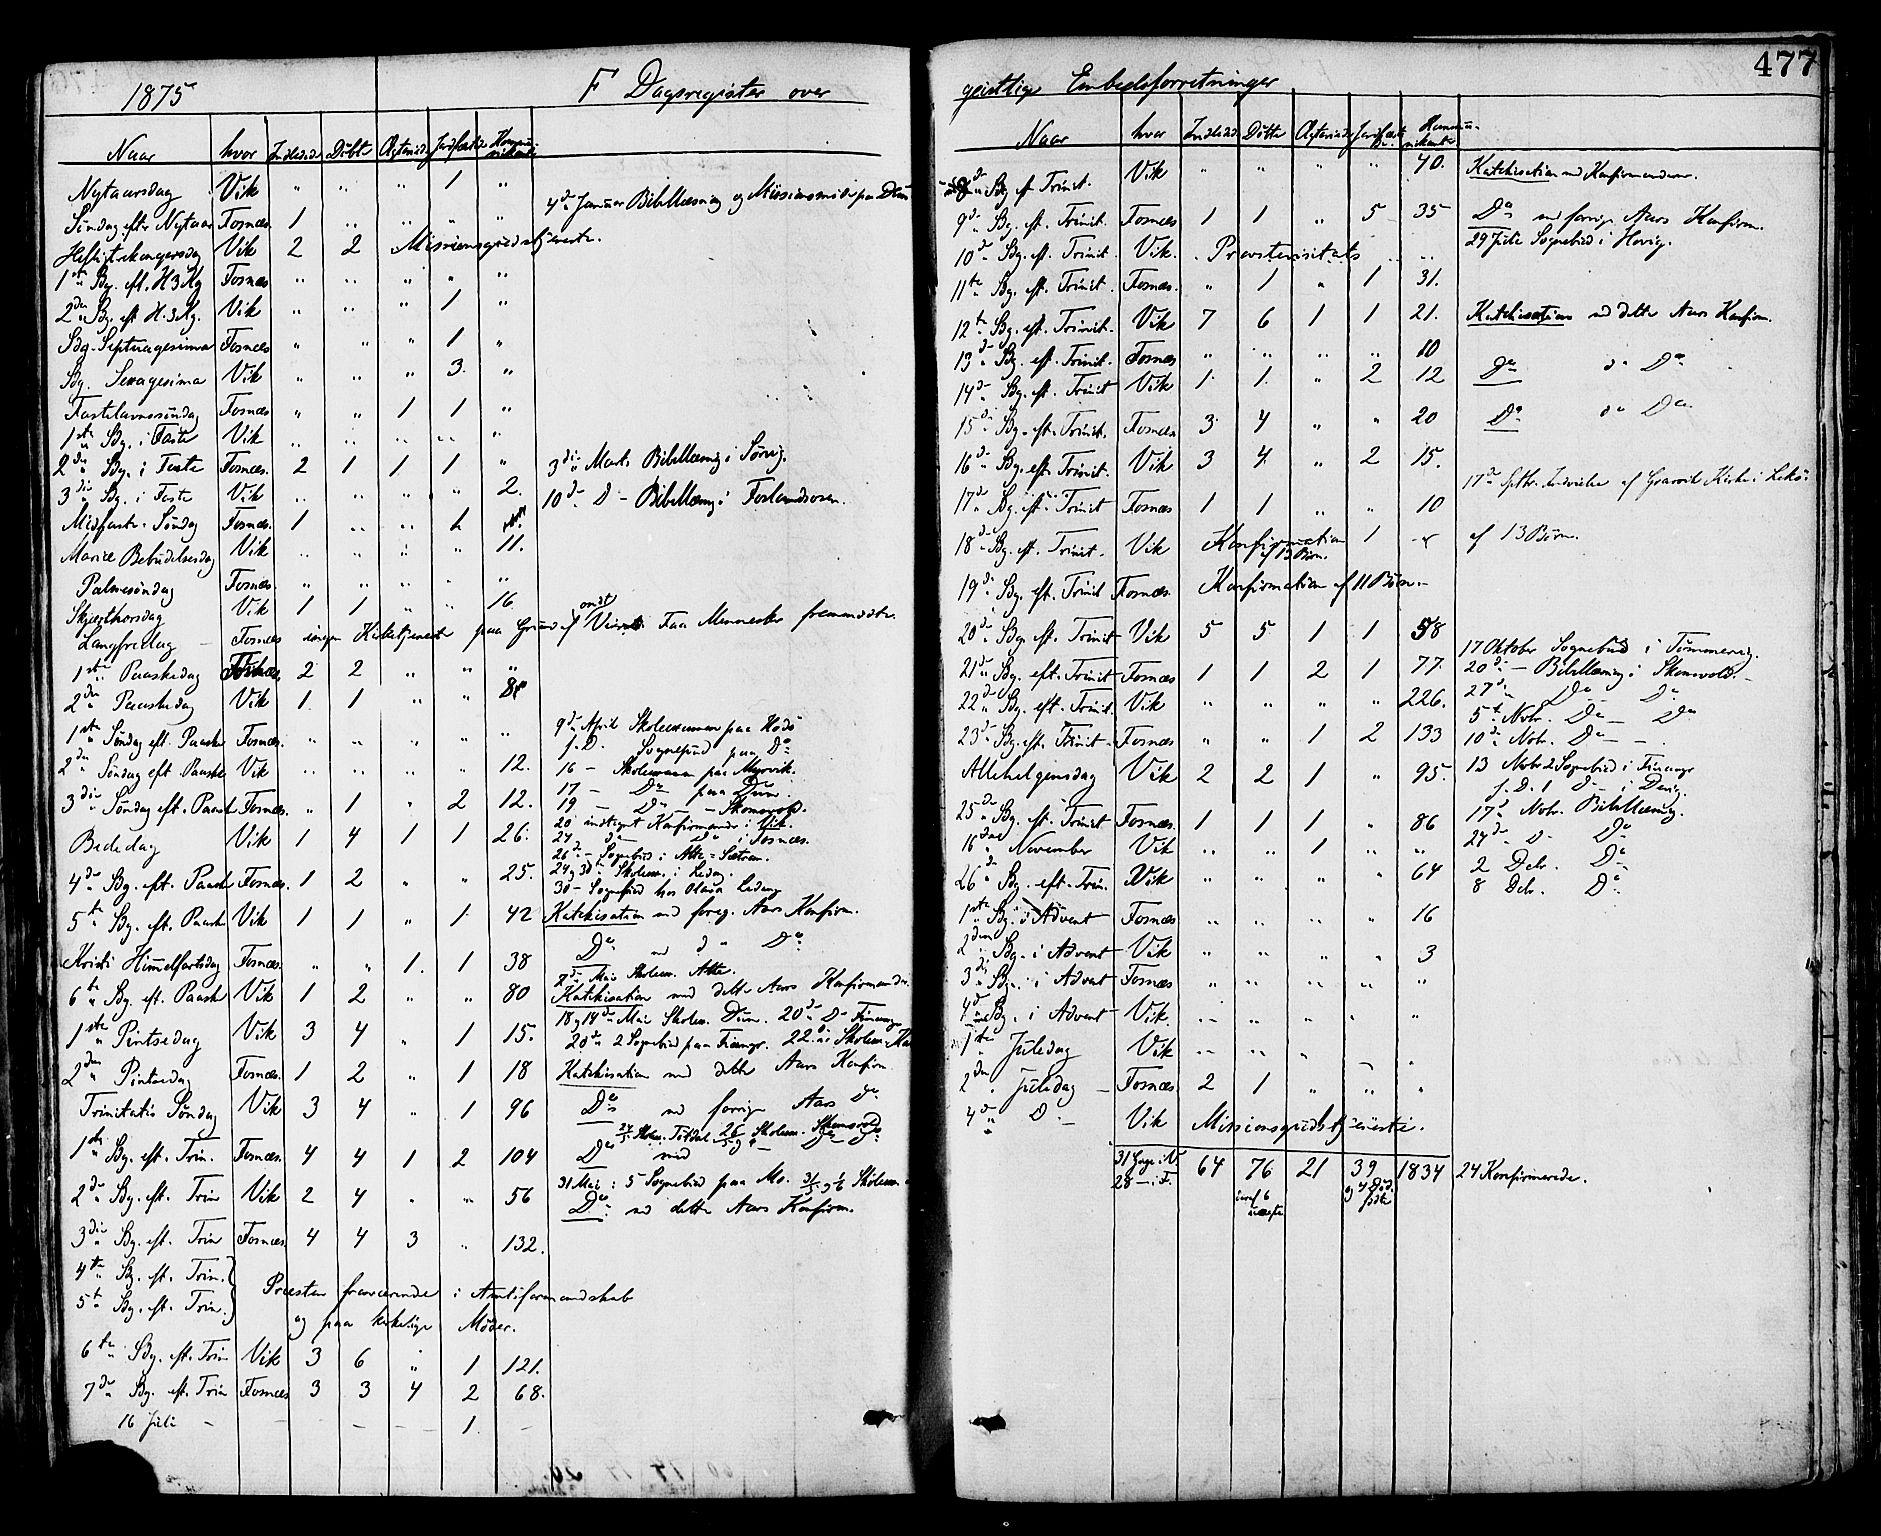 SAT, Ministerialprotokoller, klokkerbøker og fødselsregistre - Nord-Trøndelag, 773/L0616: Ministerialbok nr. 773A07, 1870-1887, s. 477